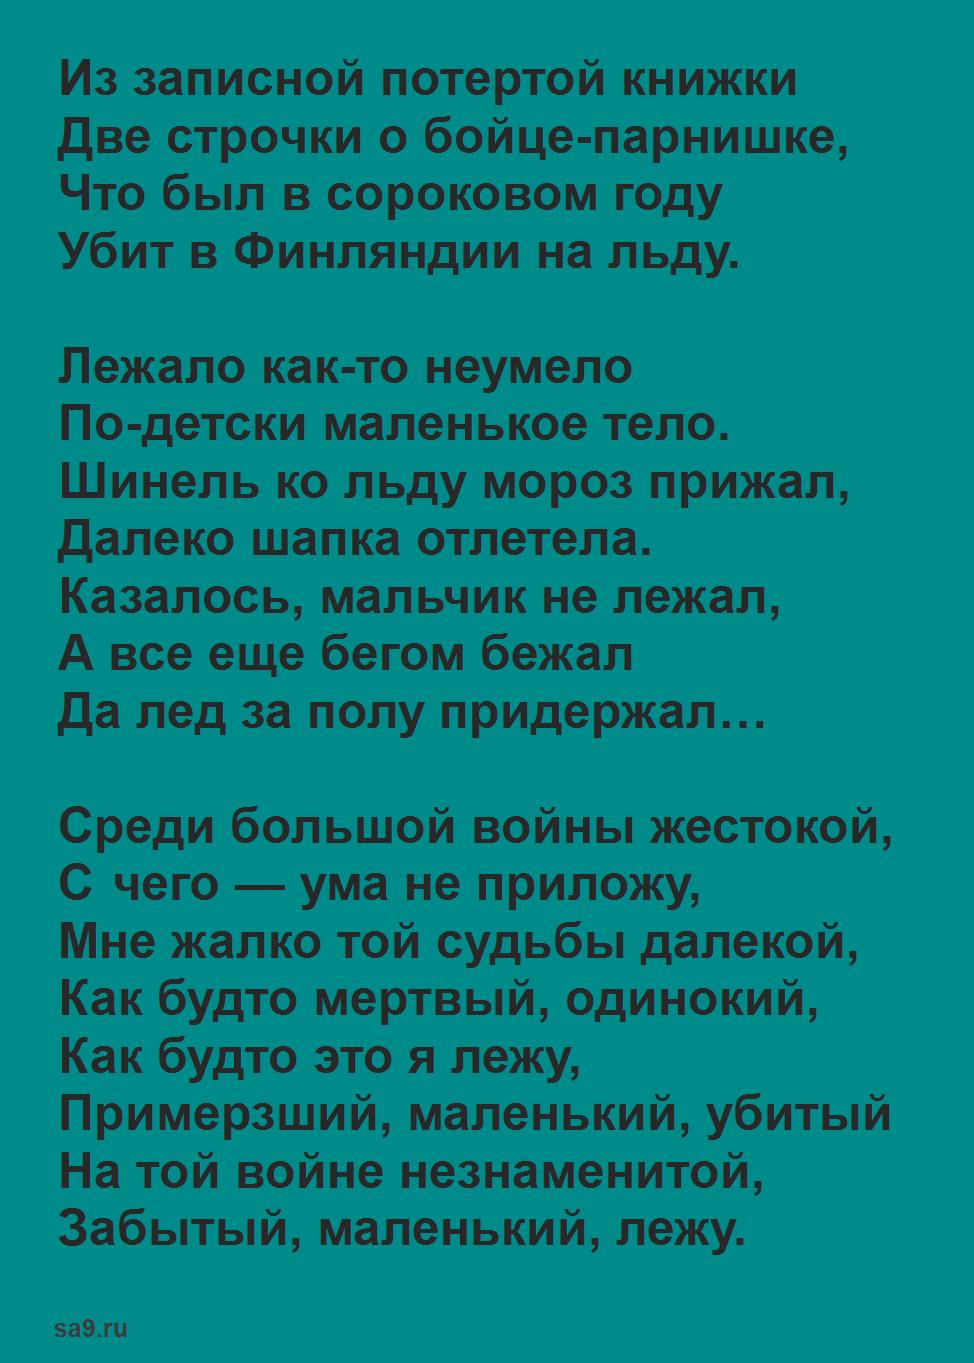 Твардовский стихи 16 строк - Две строчки